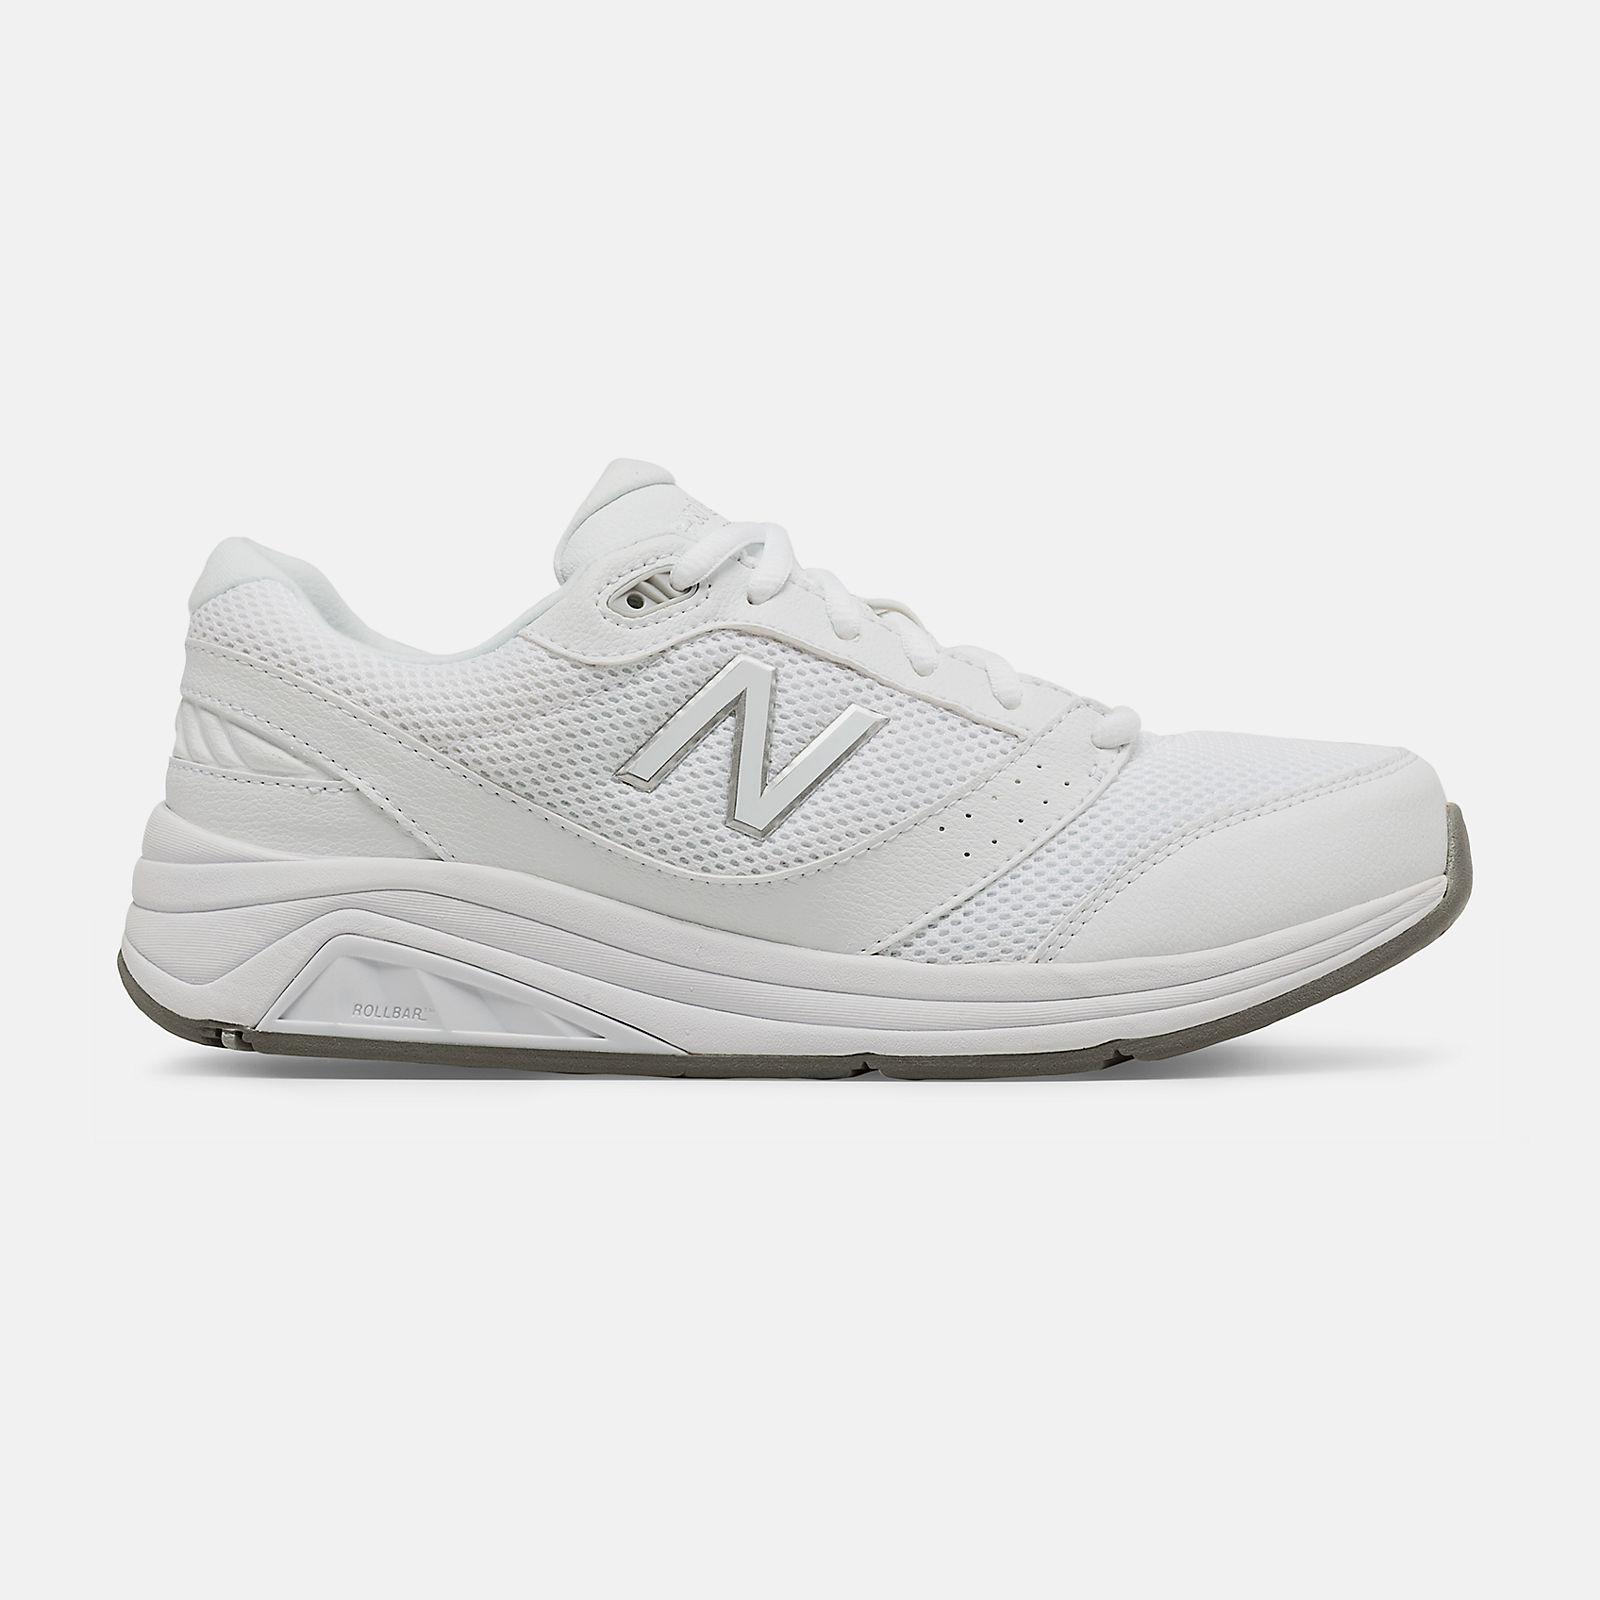 new balance white